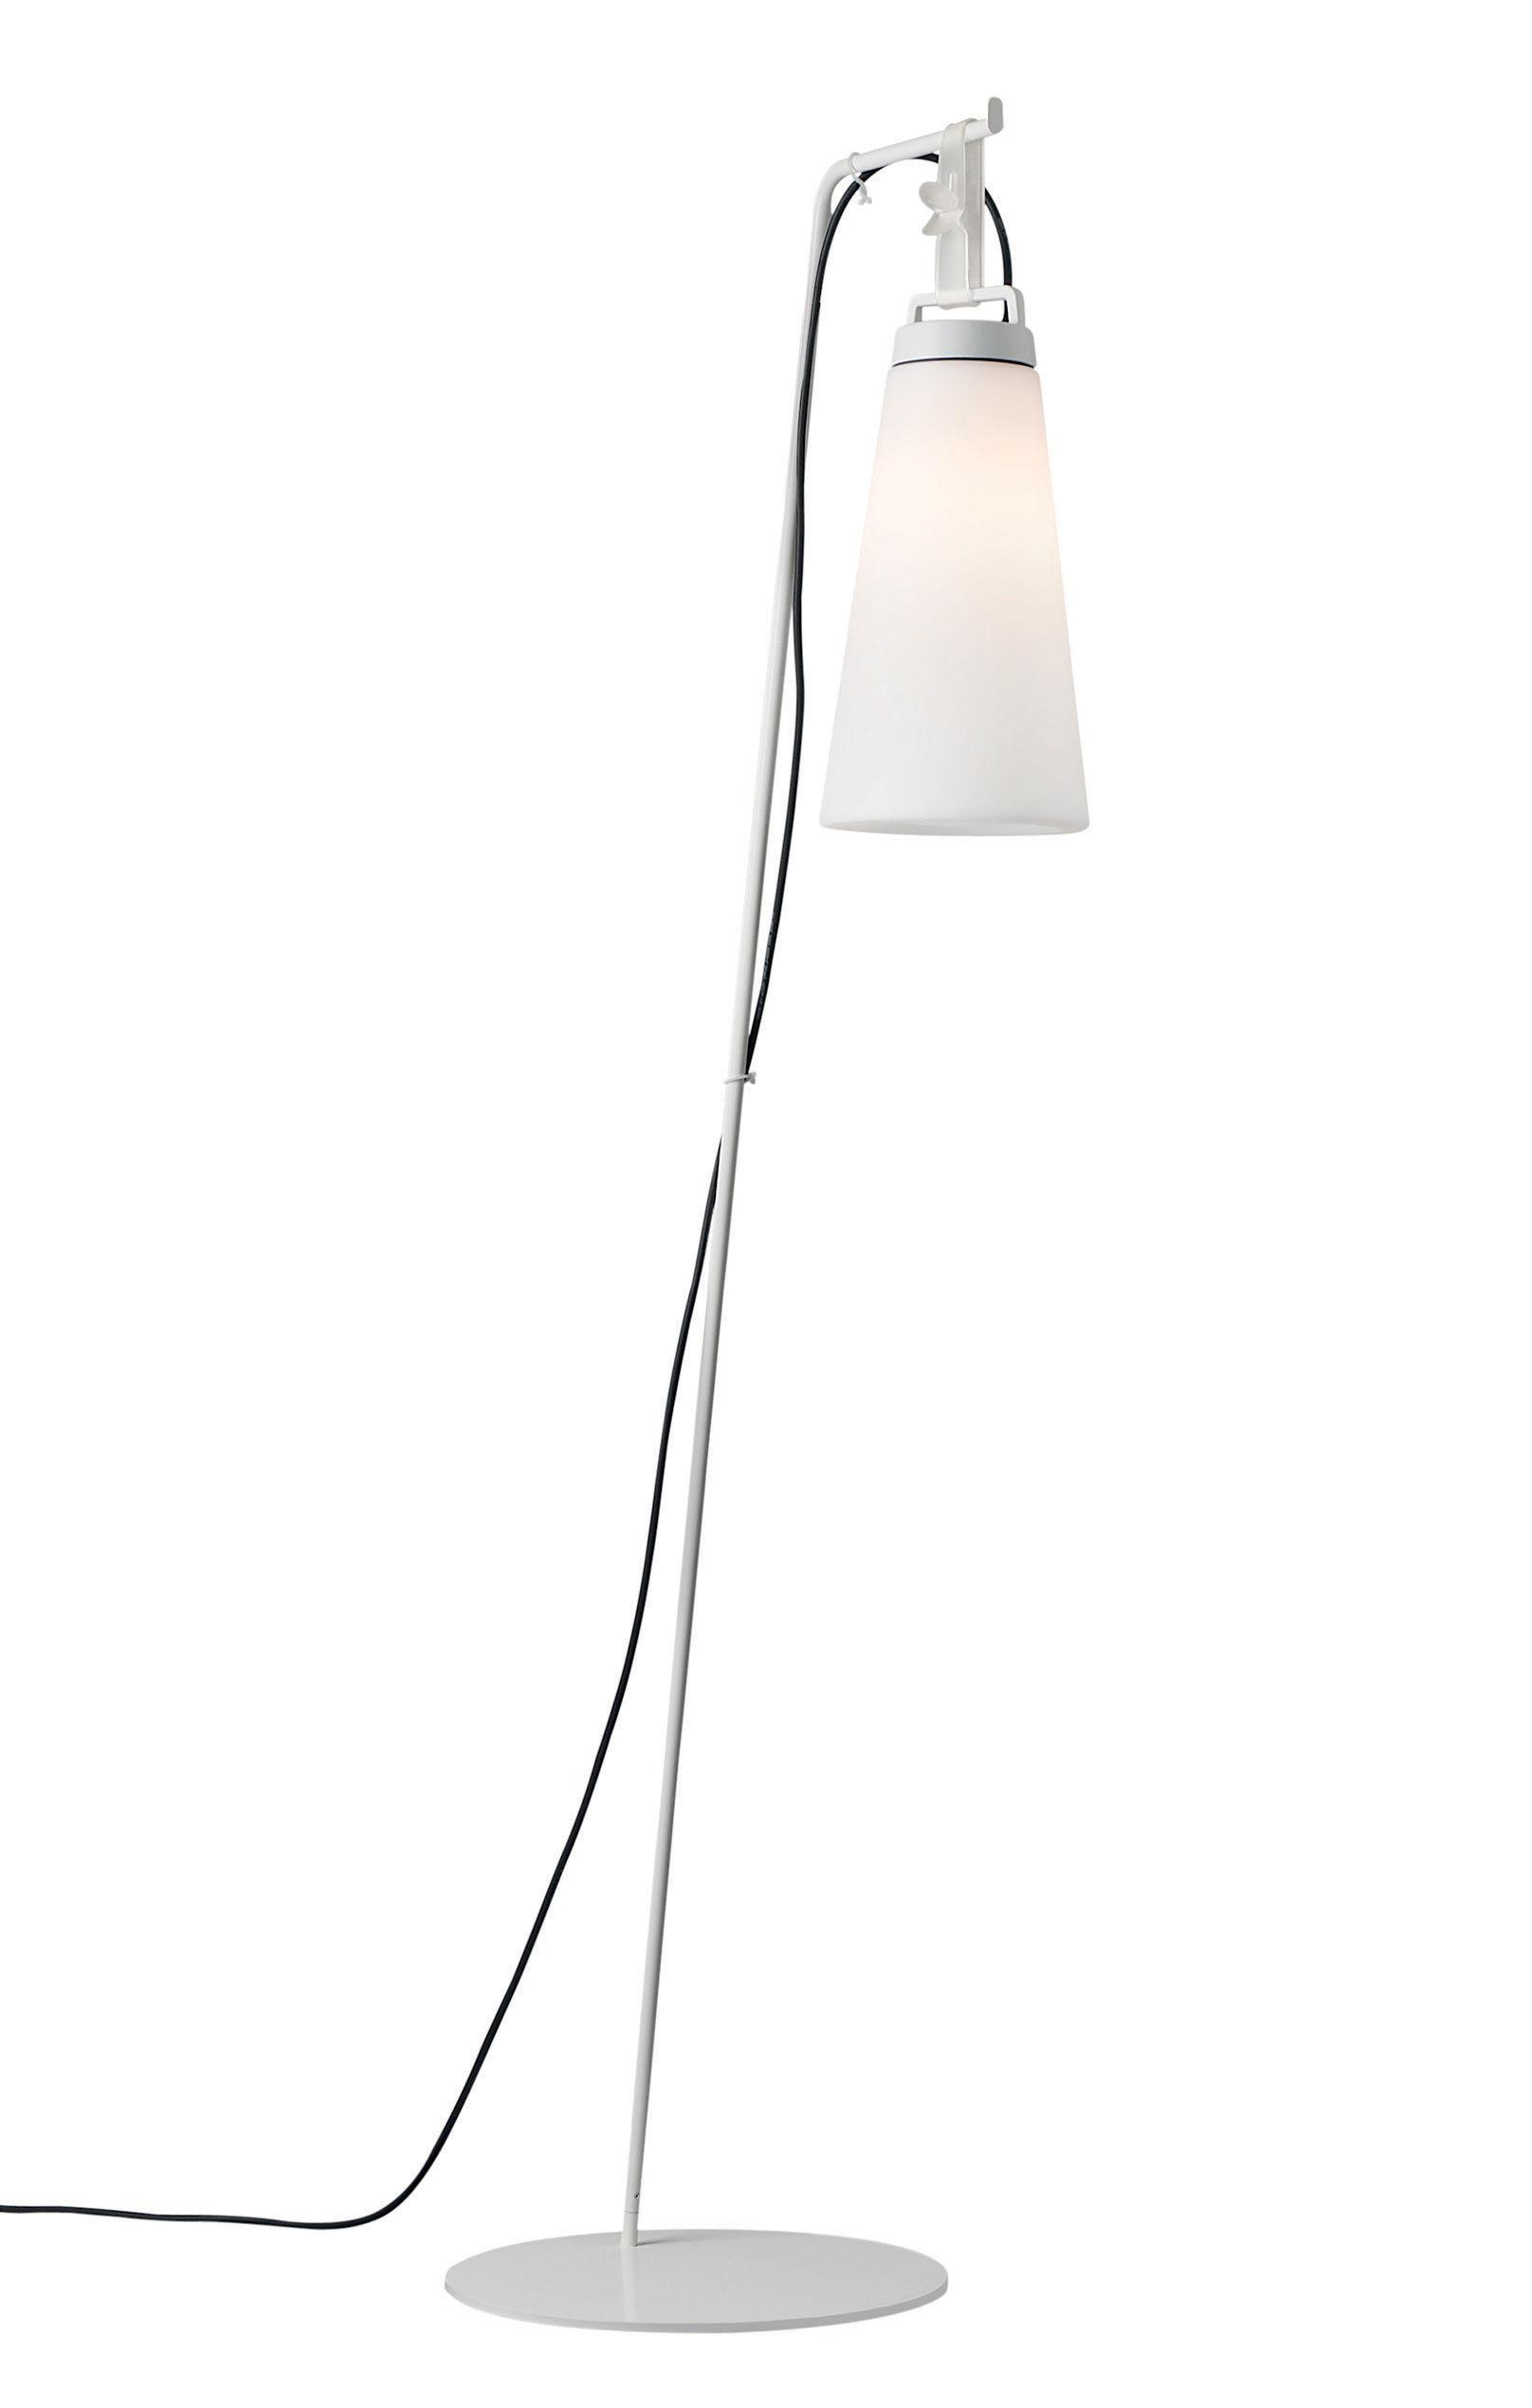 Illuminazione - Lampade da tavolo - Piede - / Per lampada Sasha - H 174 cm di Carpyen - Blanc - Acciaio laccato